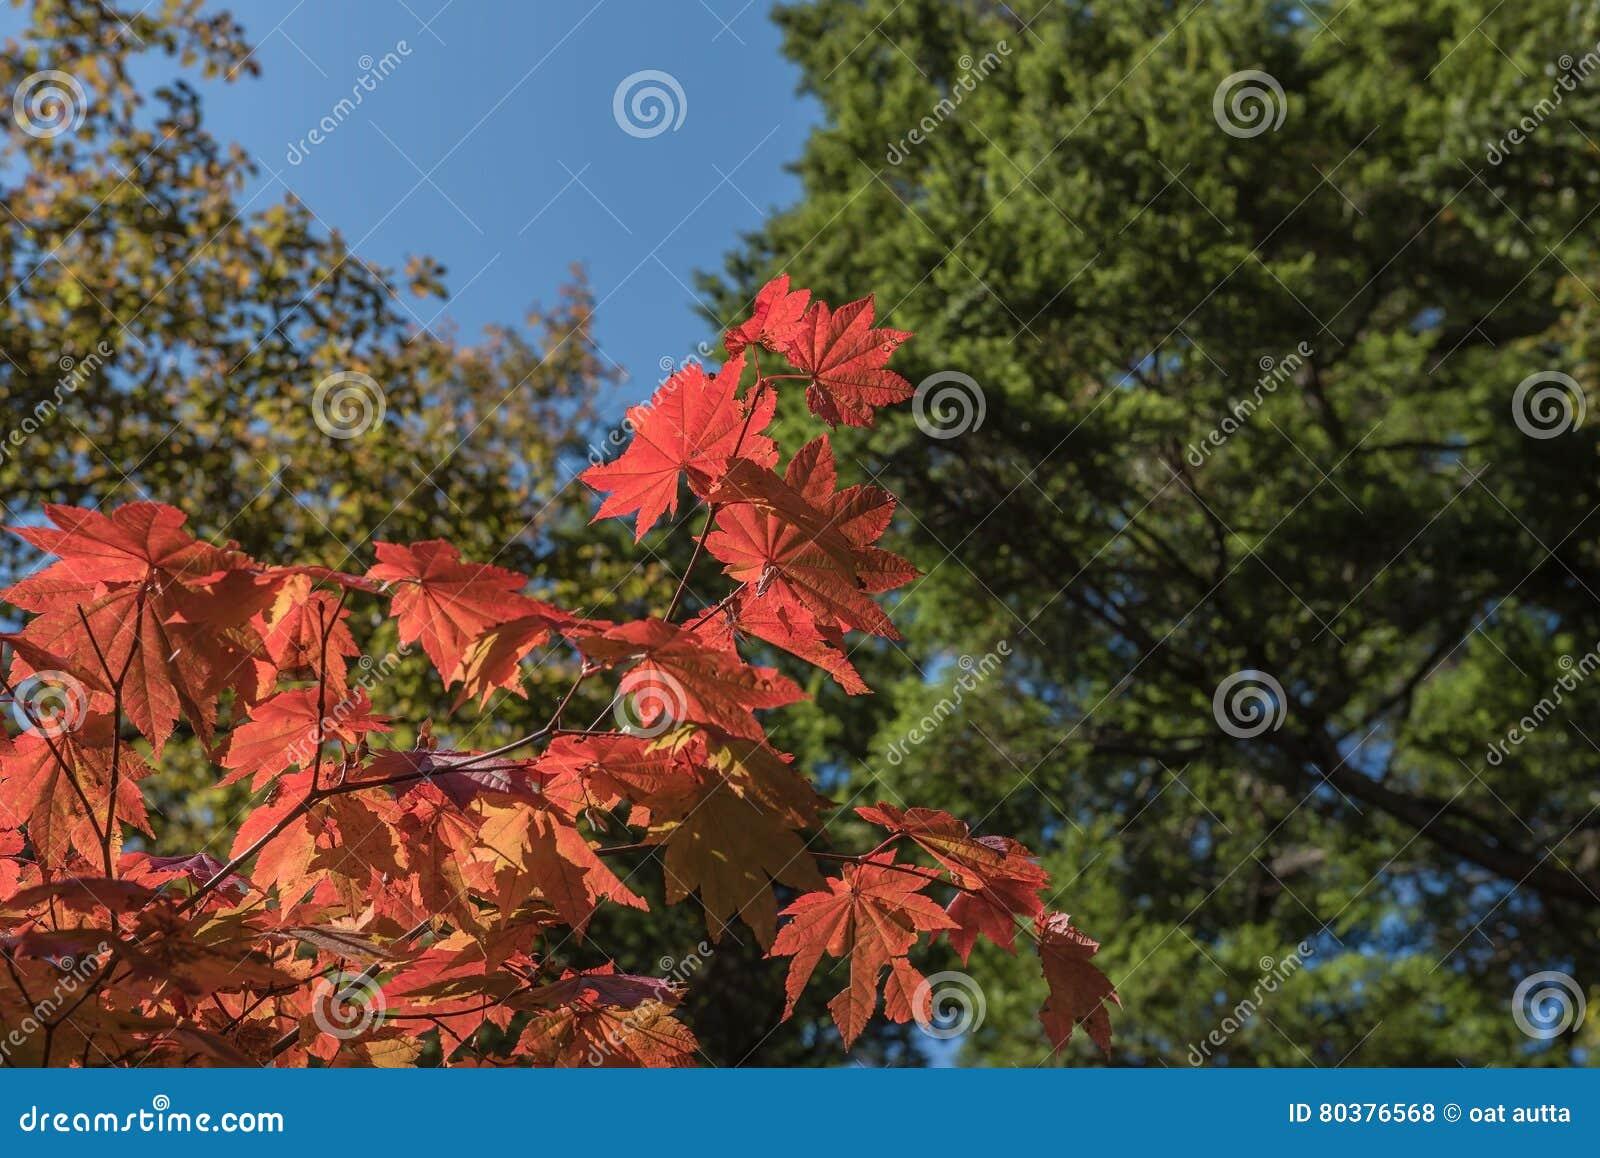 Acero Blu Giapponese foglia di acero giapponese rossa sul fondo del cielo blu e